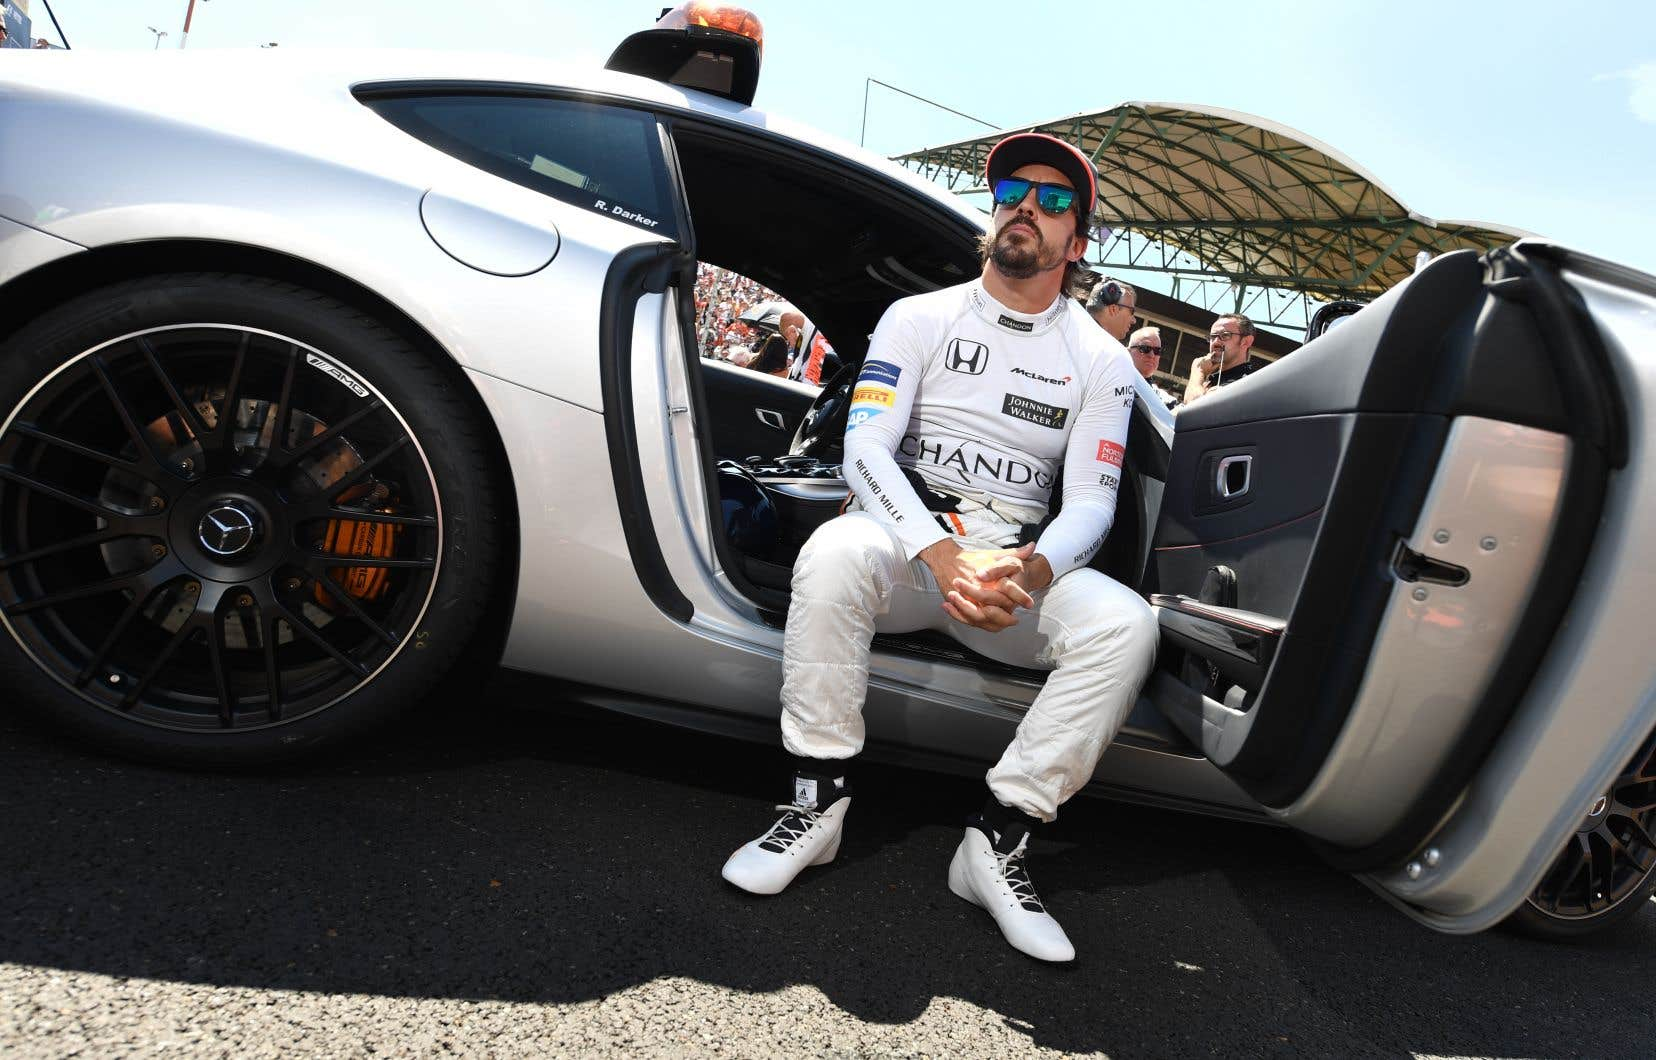 Le pilote Fernando Alonso lors du Grand Prix de Hongrie en juillet 2017.L'écurie McLaren a confirmé que l'Espagnol ne sera pas de retour en F1 l'an prochain.